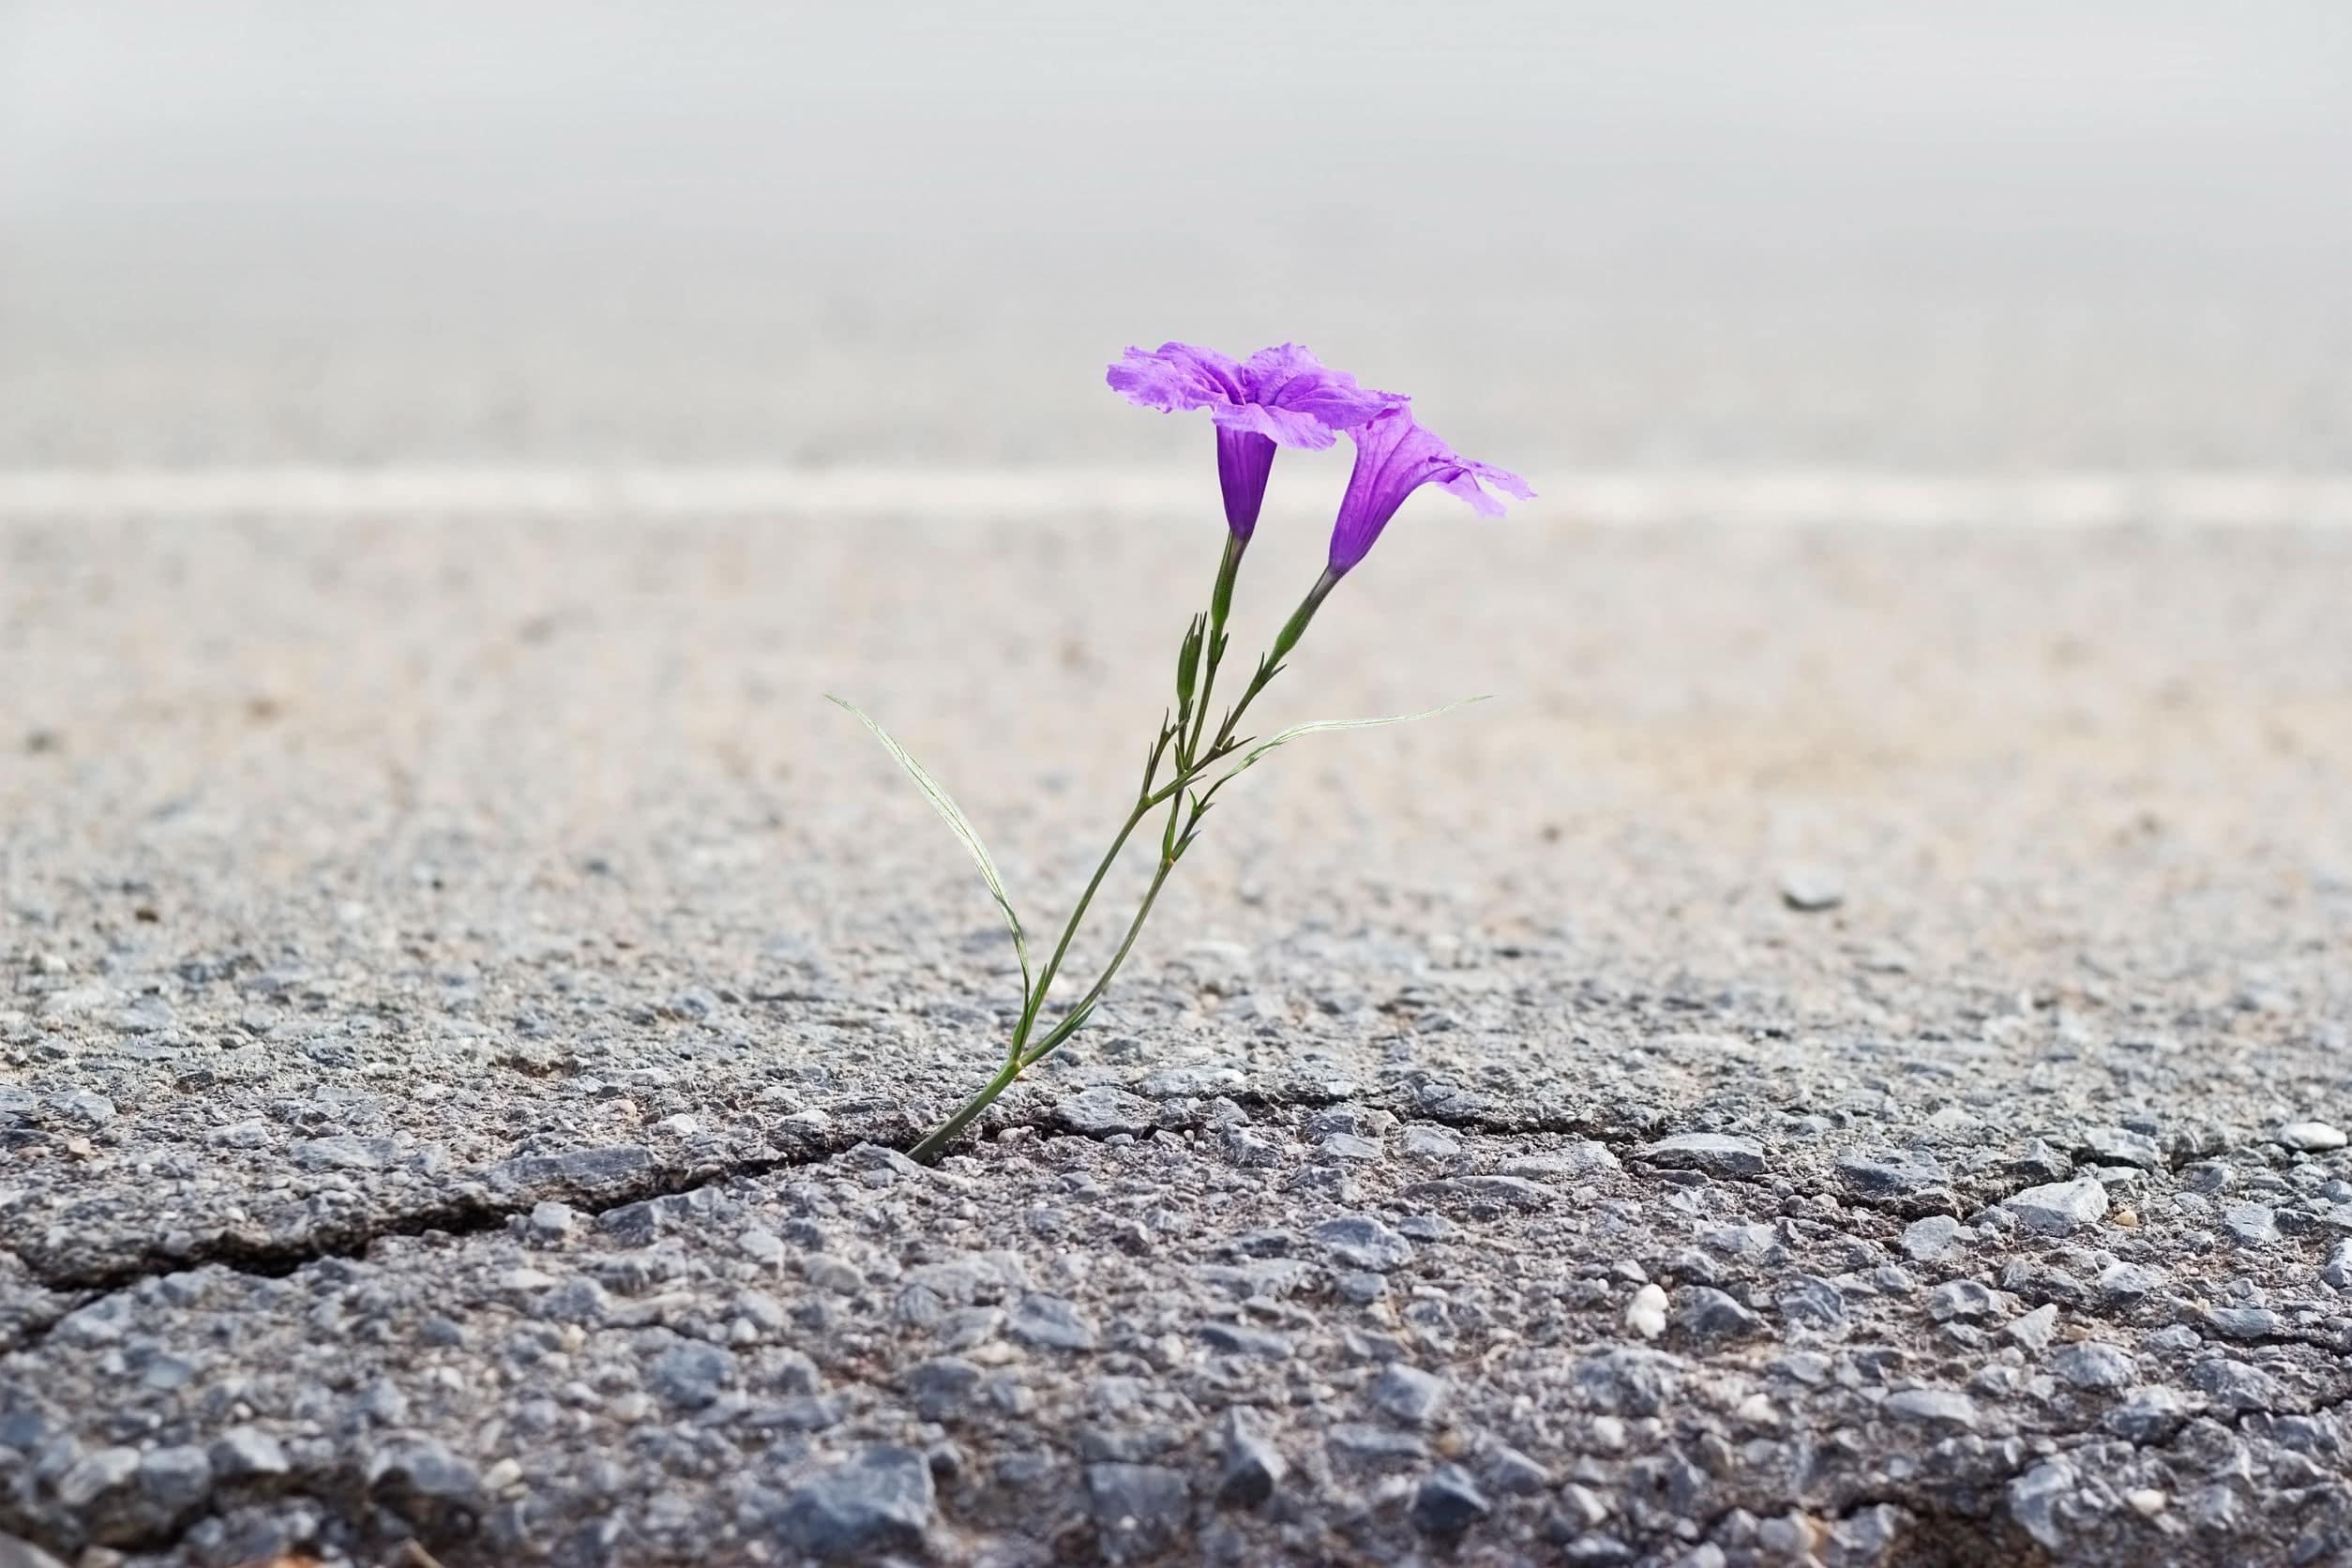 Planta nascendo do chão afastado.